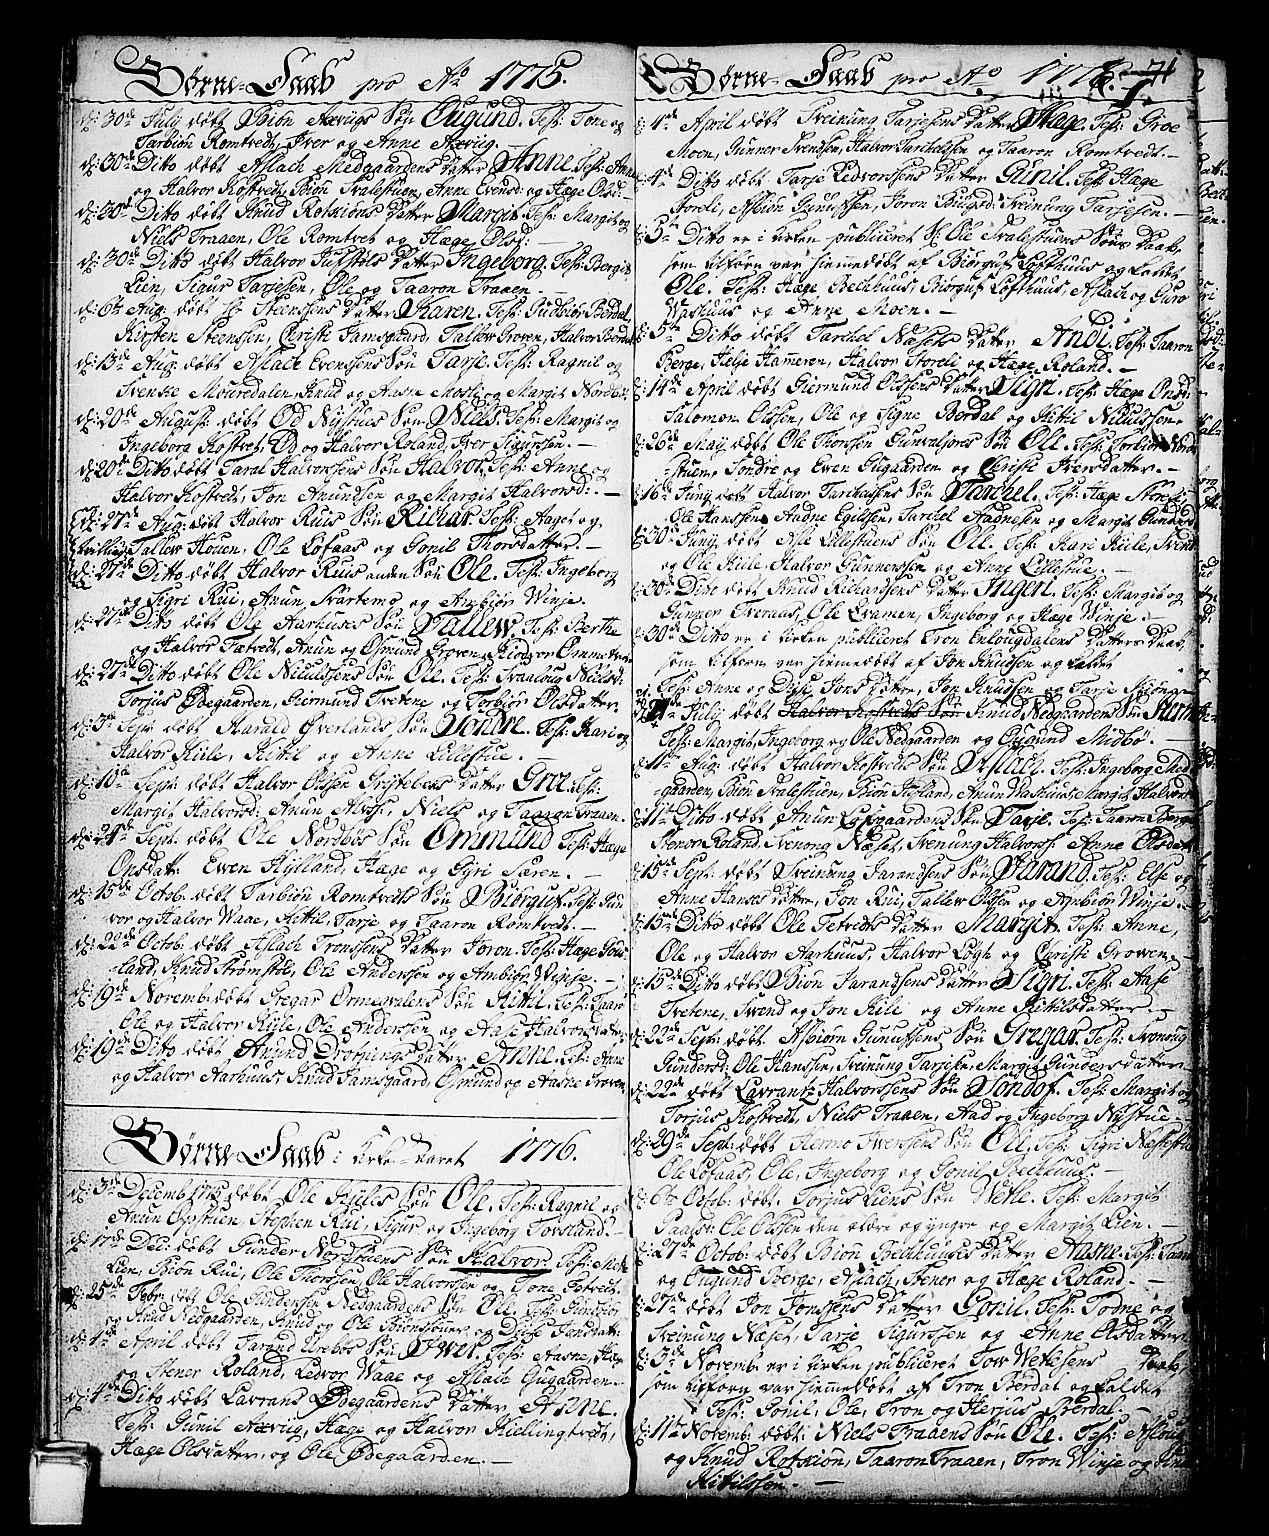 SAKO, Vinje kirkebøker, F/Fa/L0002: Ministerialbok nr. I 2, 1767-1814, s. 71